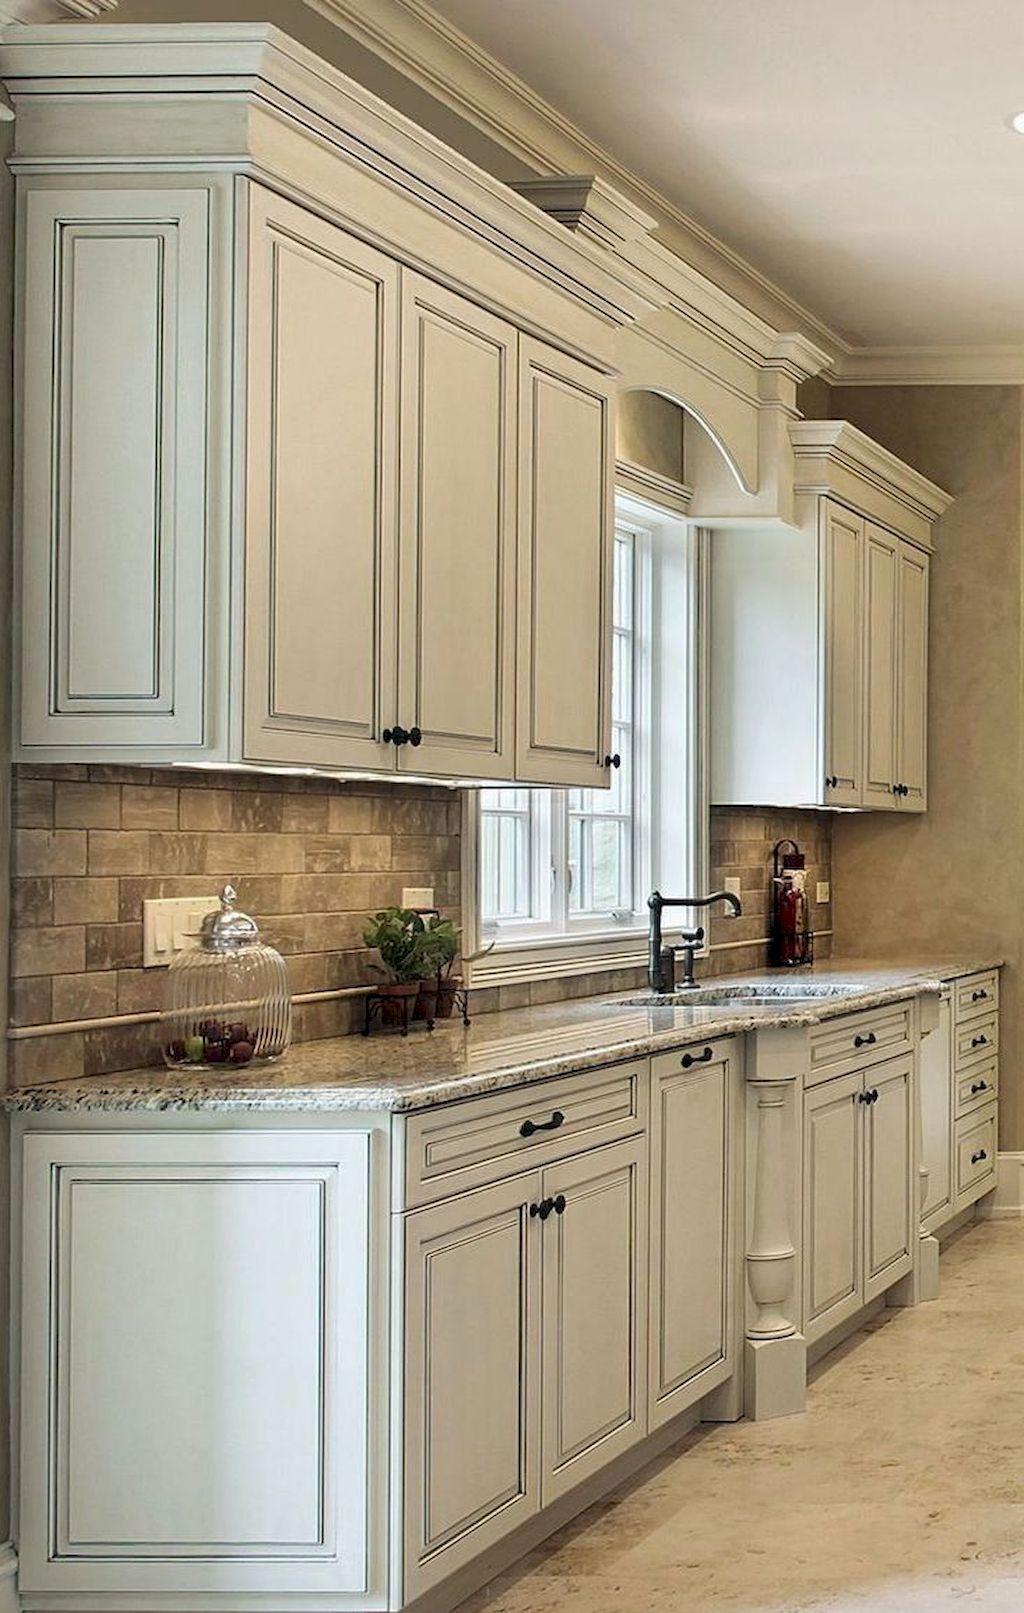 Surprising Kitchen Cupboard Concepts Kitchen Remodel Small New Kitchen Cabinets Kitchen Cabinets Decor